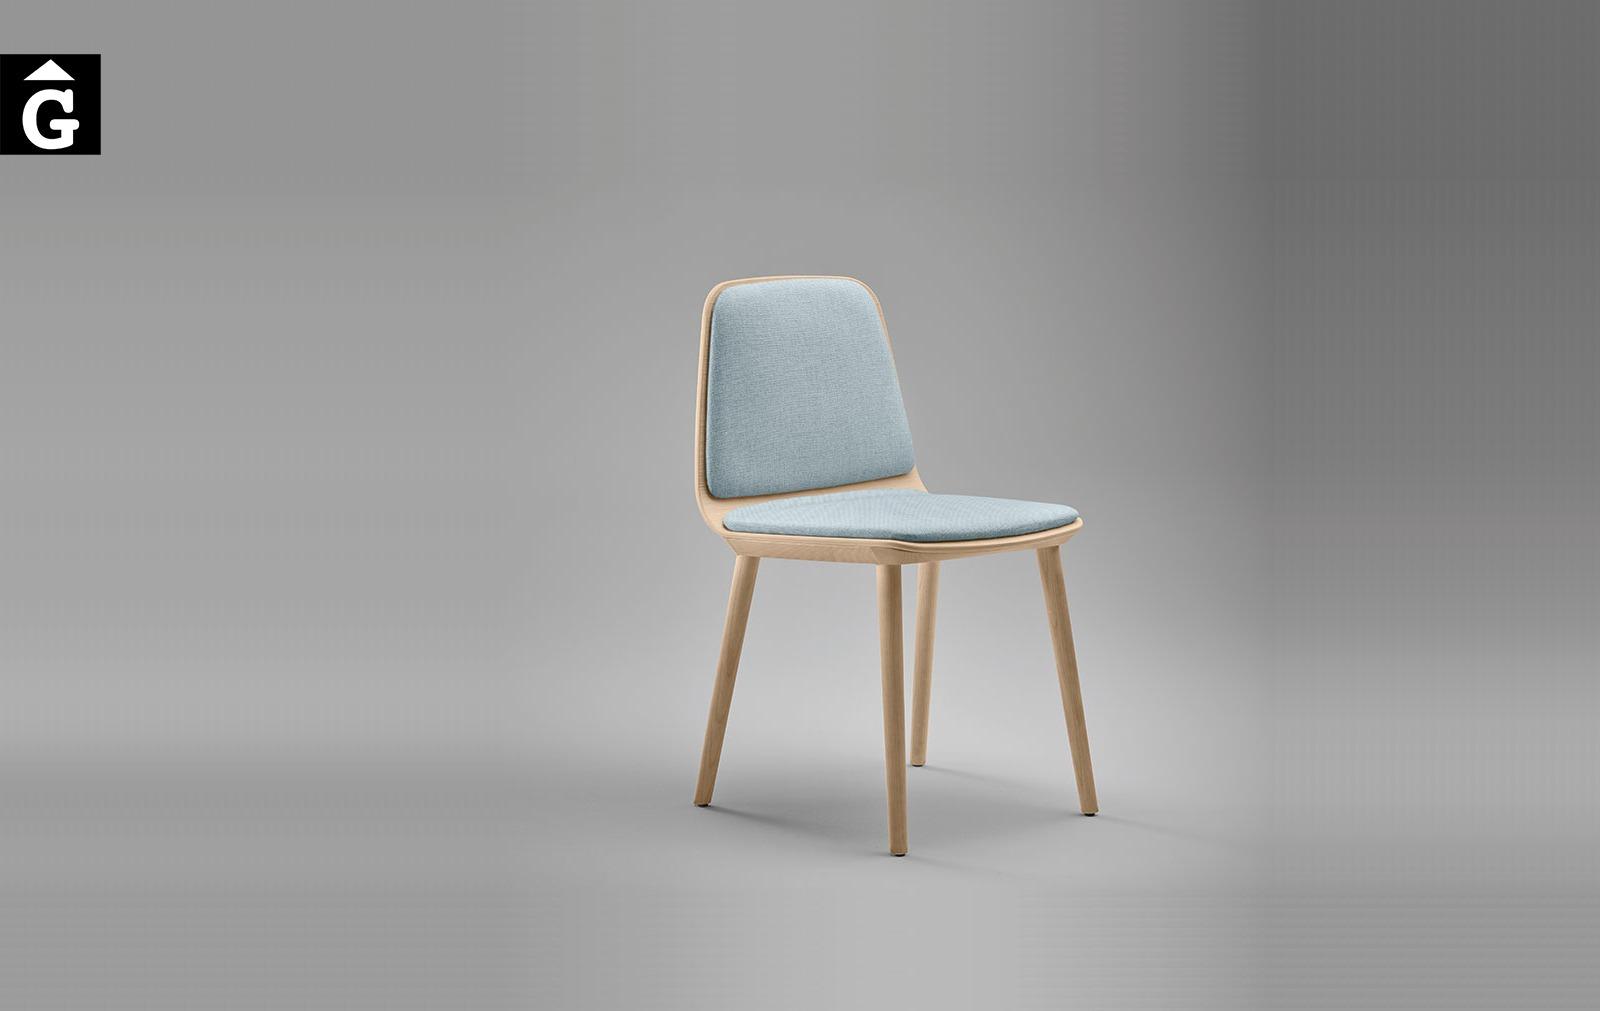 Cadira Bisell potes fusta fons gris Treku Home selecció Gifreu mobles